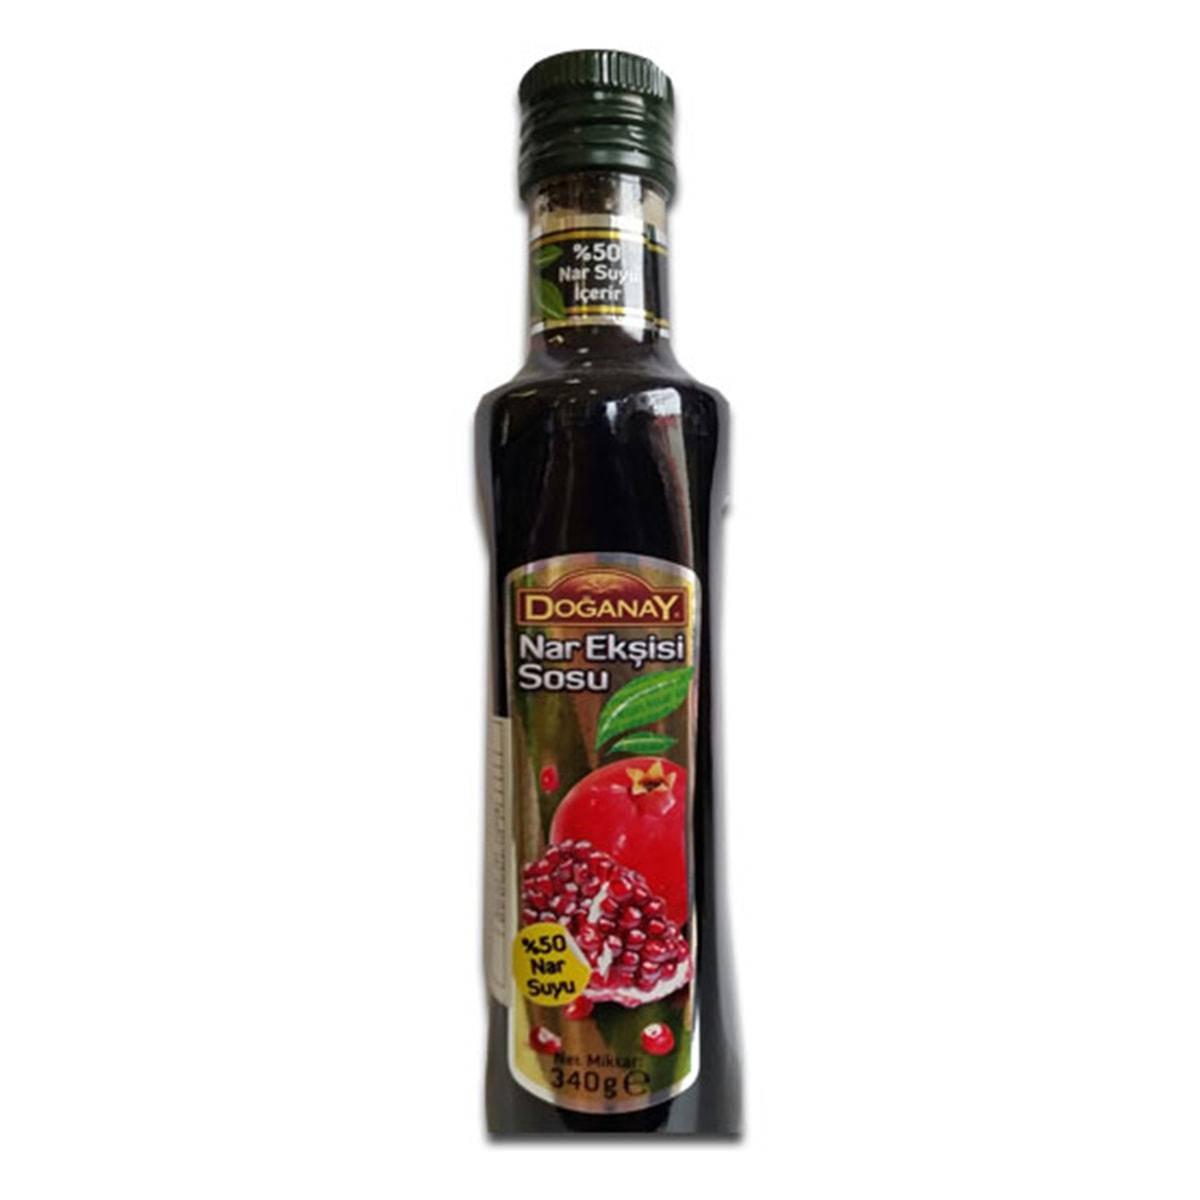 Buy Doganay Pomegranate Molasses Syrup (Nar Eksisi Sosu) - 340 gm